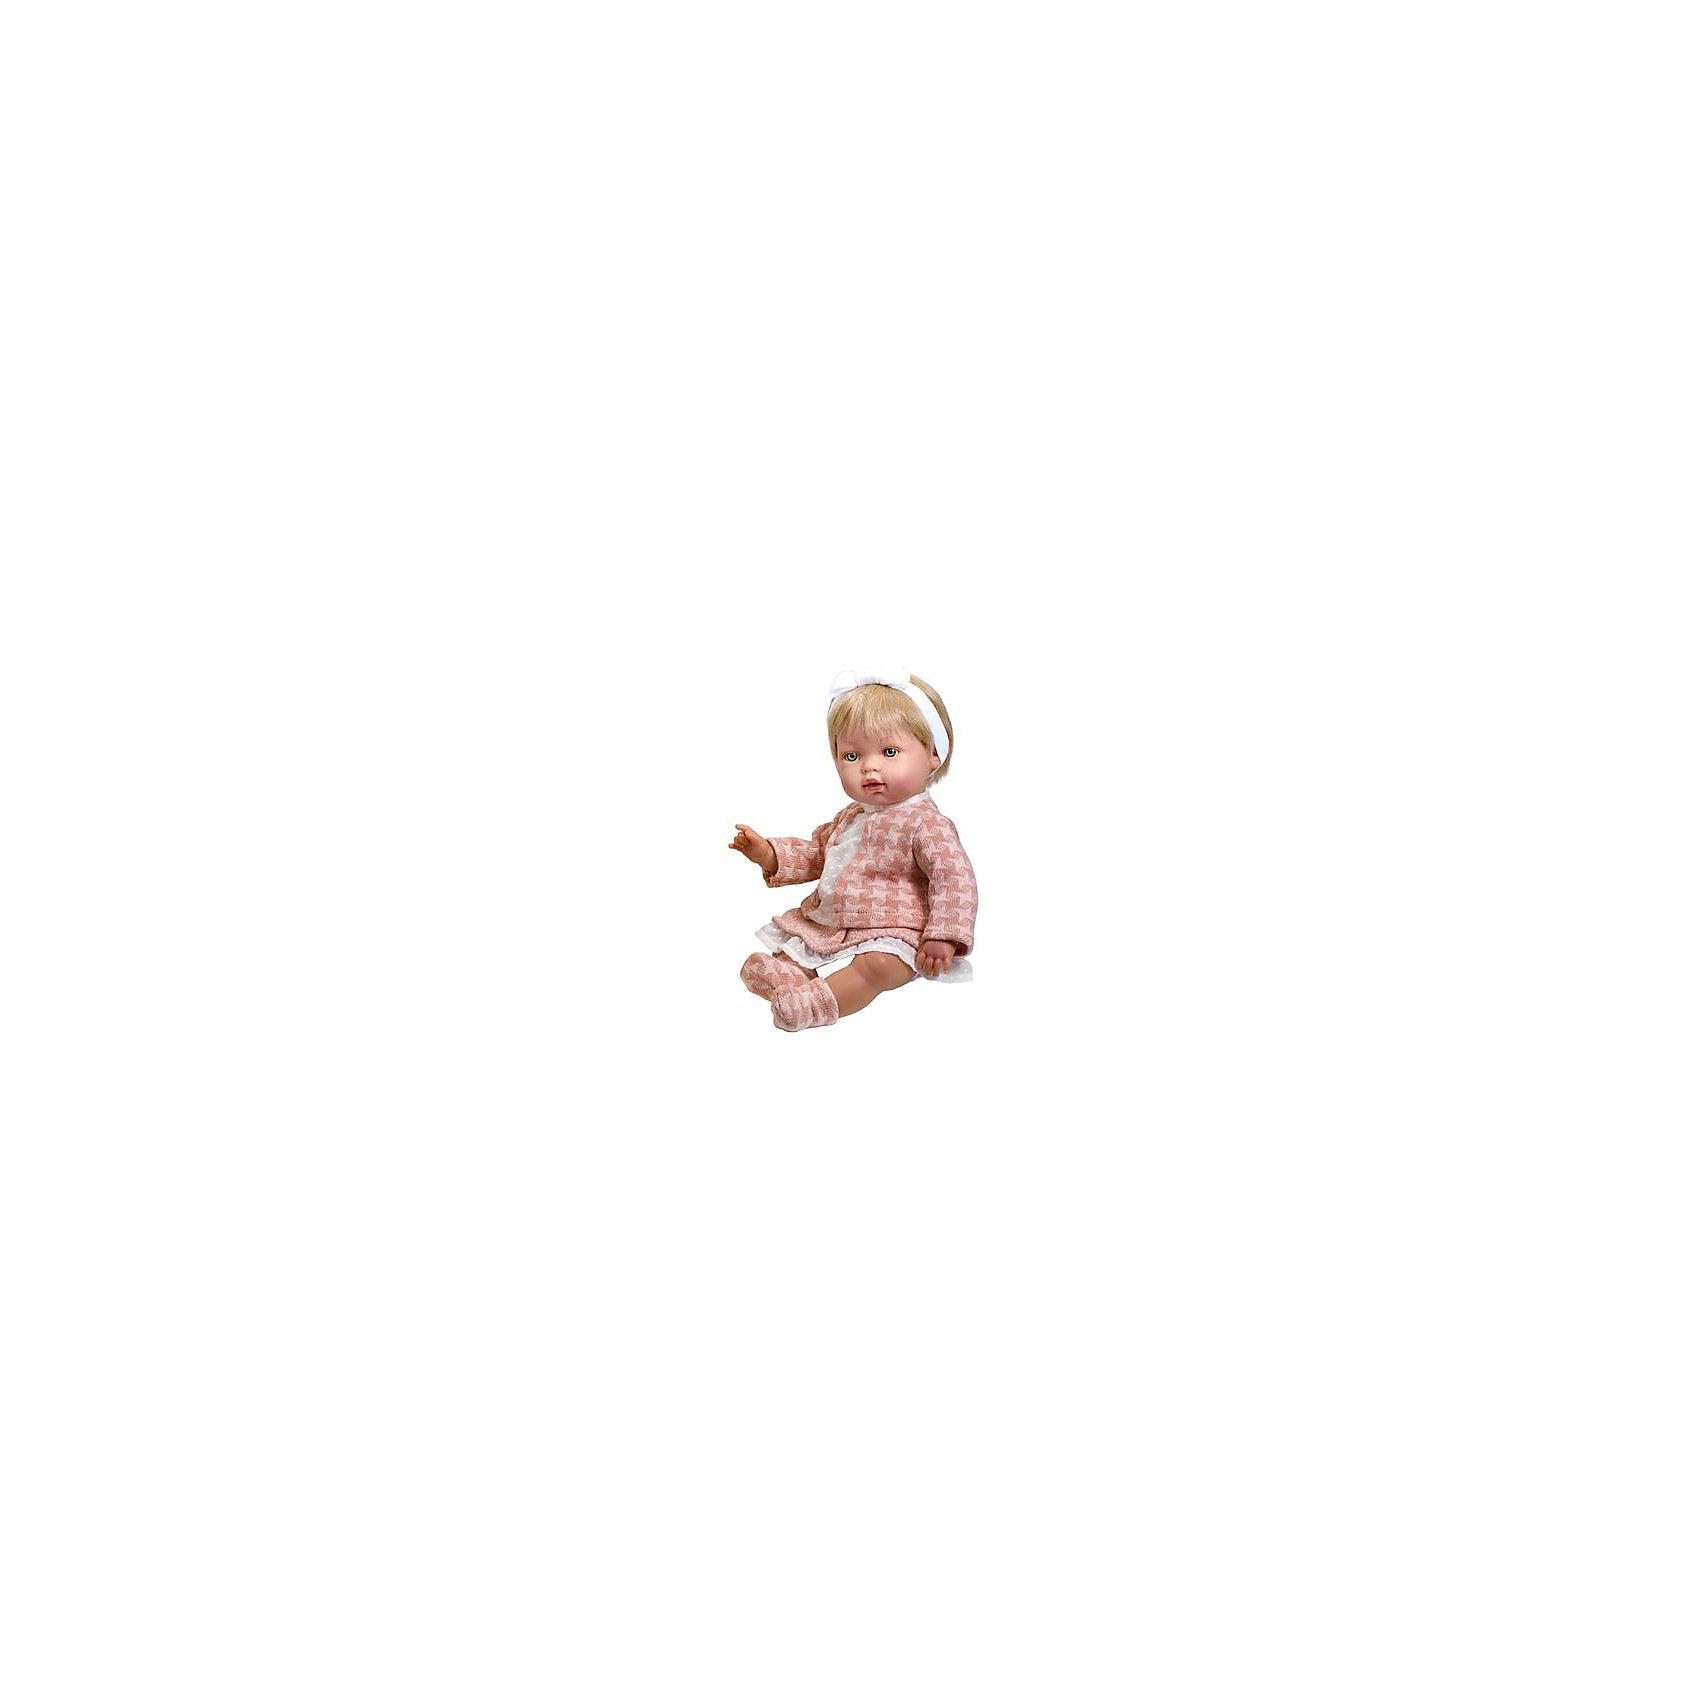 Кукла Vestida de Azul Марина-инфанта в вечернем наряде,мягконабивная серияКлассические куклы<br><br><br>Ширина мм: 470<br>Глубина мм: 160<br>Высота мм: 250<br>Вес г: 1350<br>Возраст от месяцев: 36<br>Возраст до месяцев: 2147483647<br>Пол: Женский<br>Возраст: Детский<br>SKU: 7073758